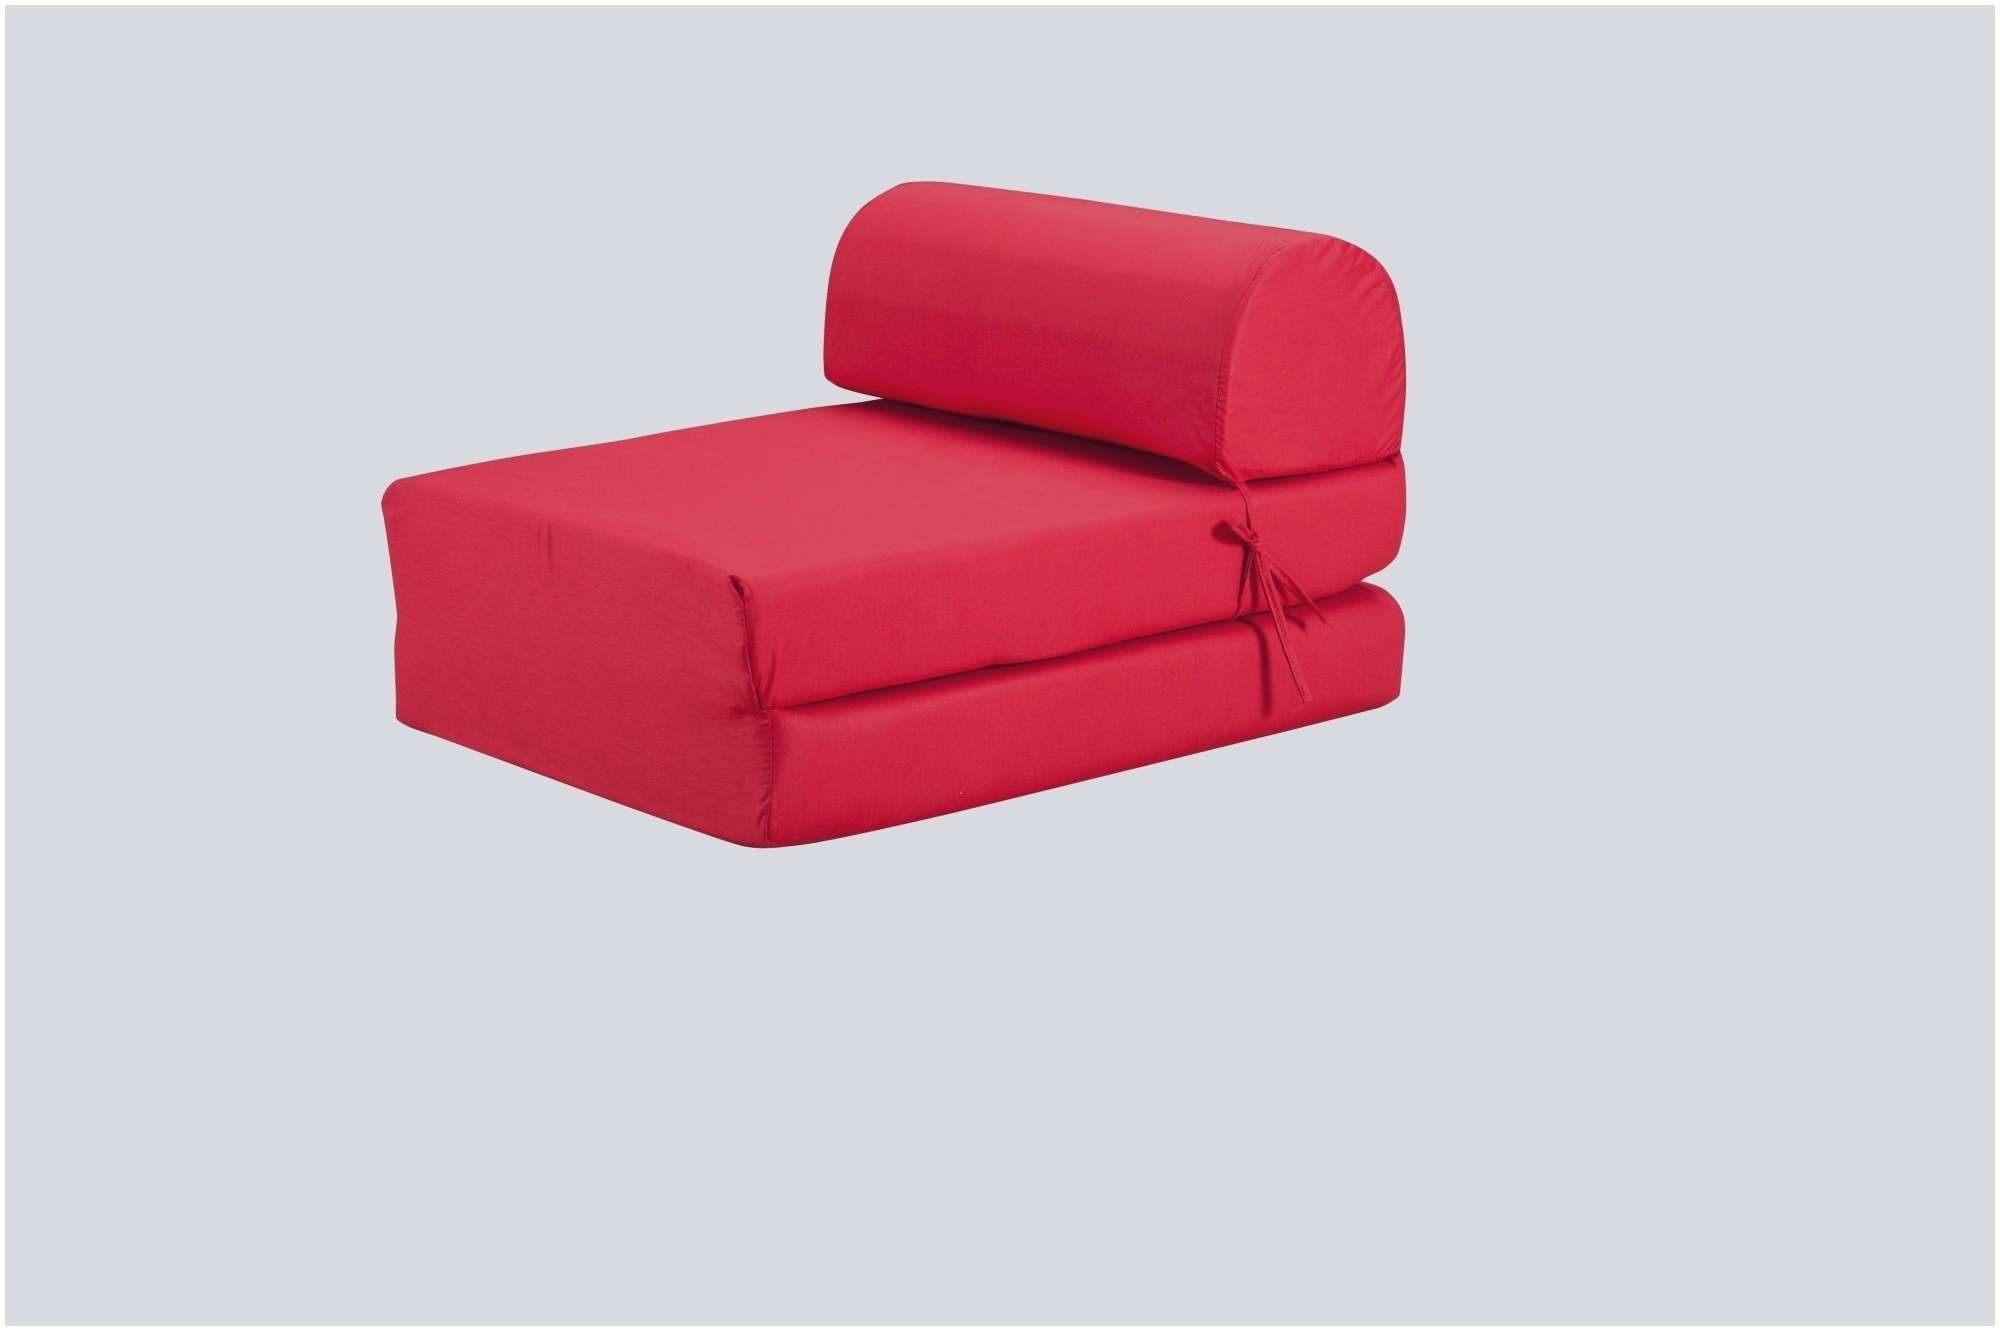 Pouf Lit Ikea Joli Elégant Lit Chauffeuse Nouveau Chauffeuse Amazon Nouveau Chauffeuse